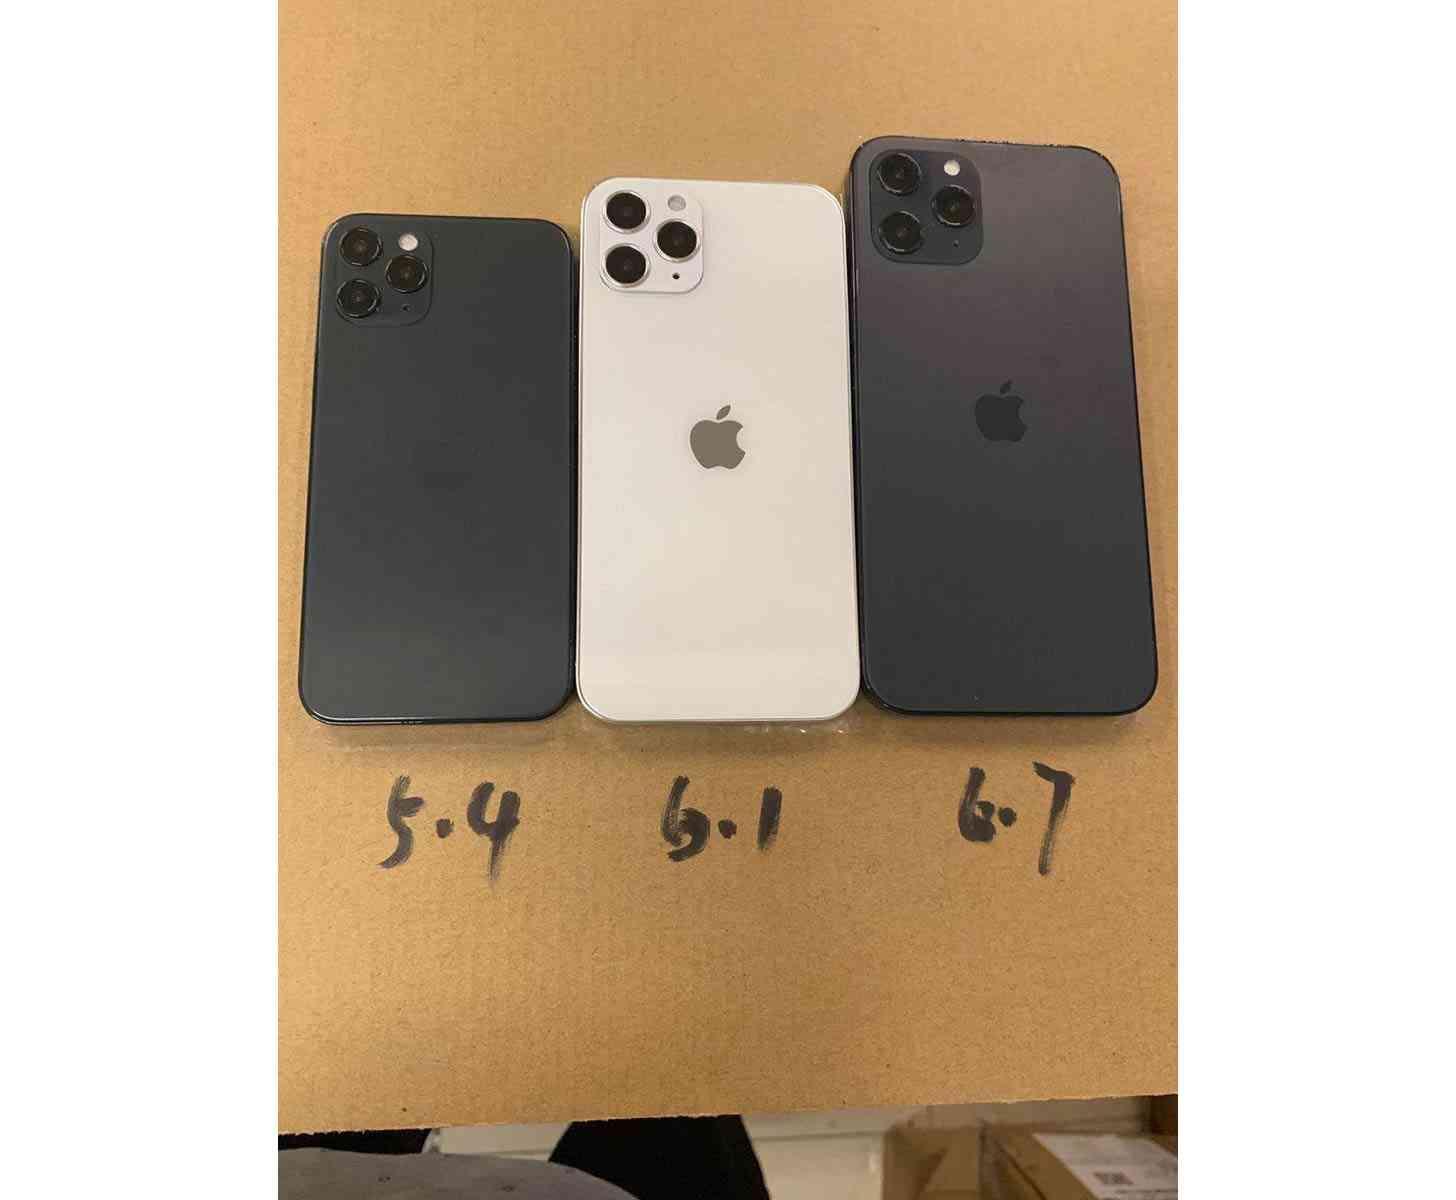 iPhone 12 dummy size comparison